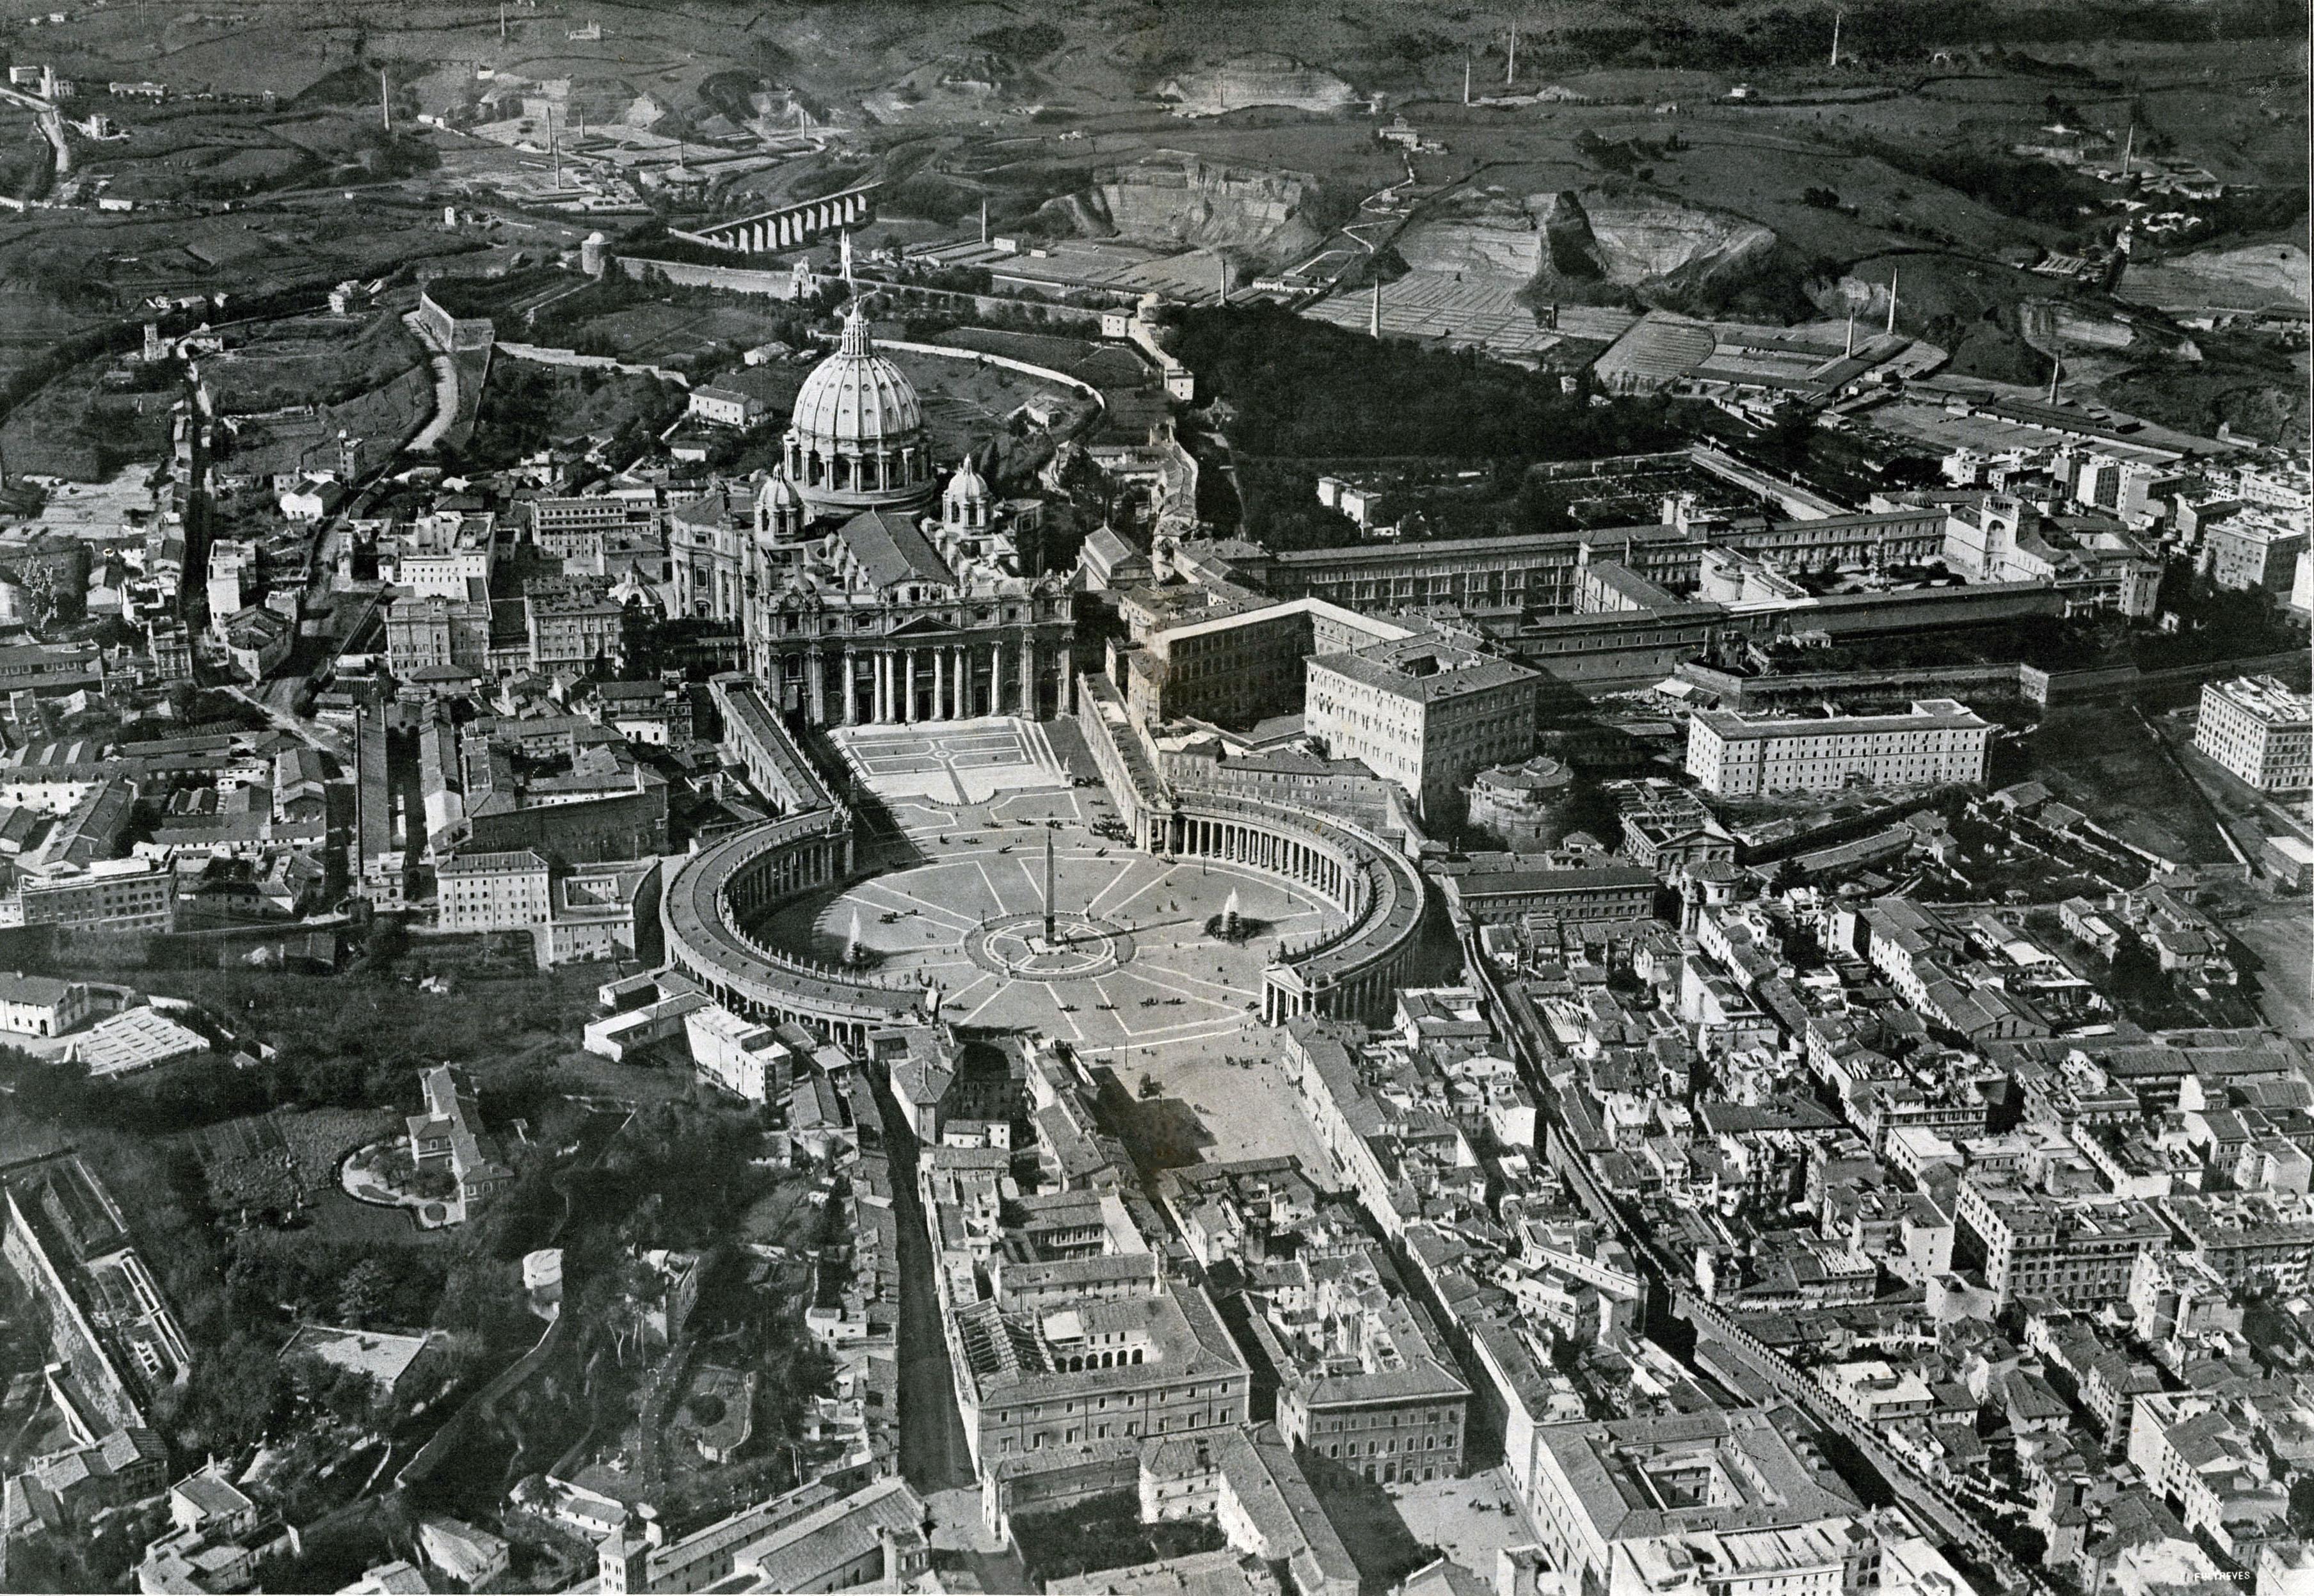 Wikipedia Del Wikipedia Città Città Vaticano Vaticano Del Città bgyf6Y7